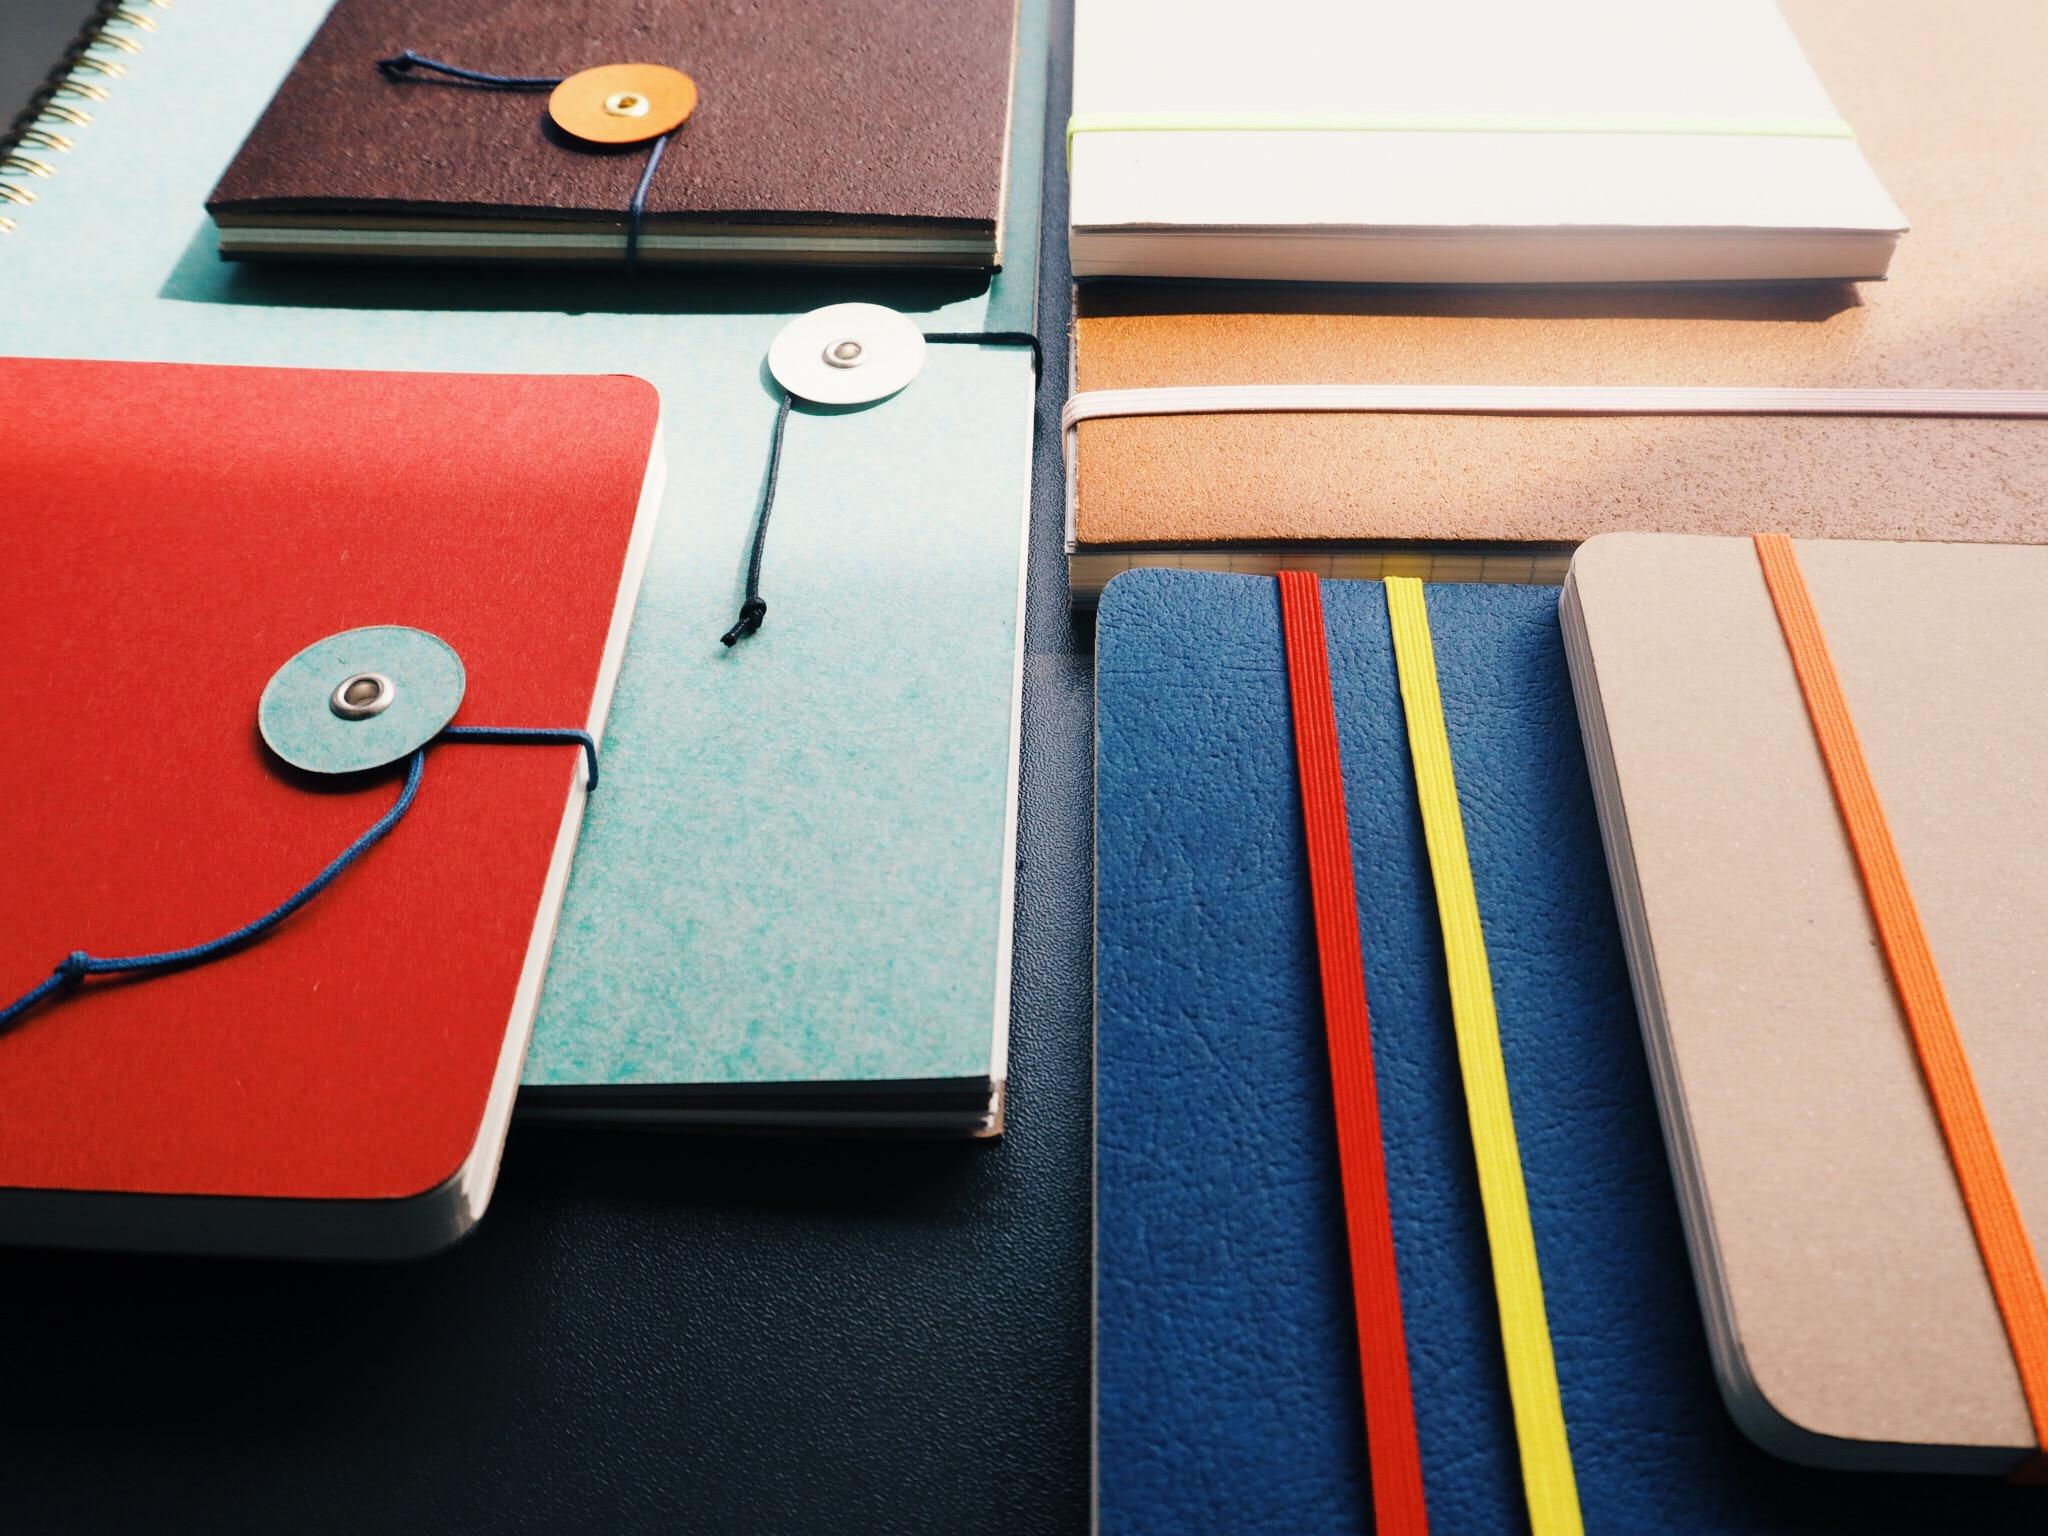 「代々木上原のノート」は、仕事にマンネリを感じている人に薦めたい